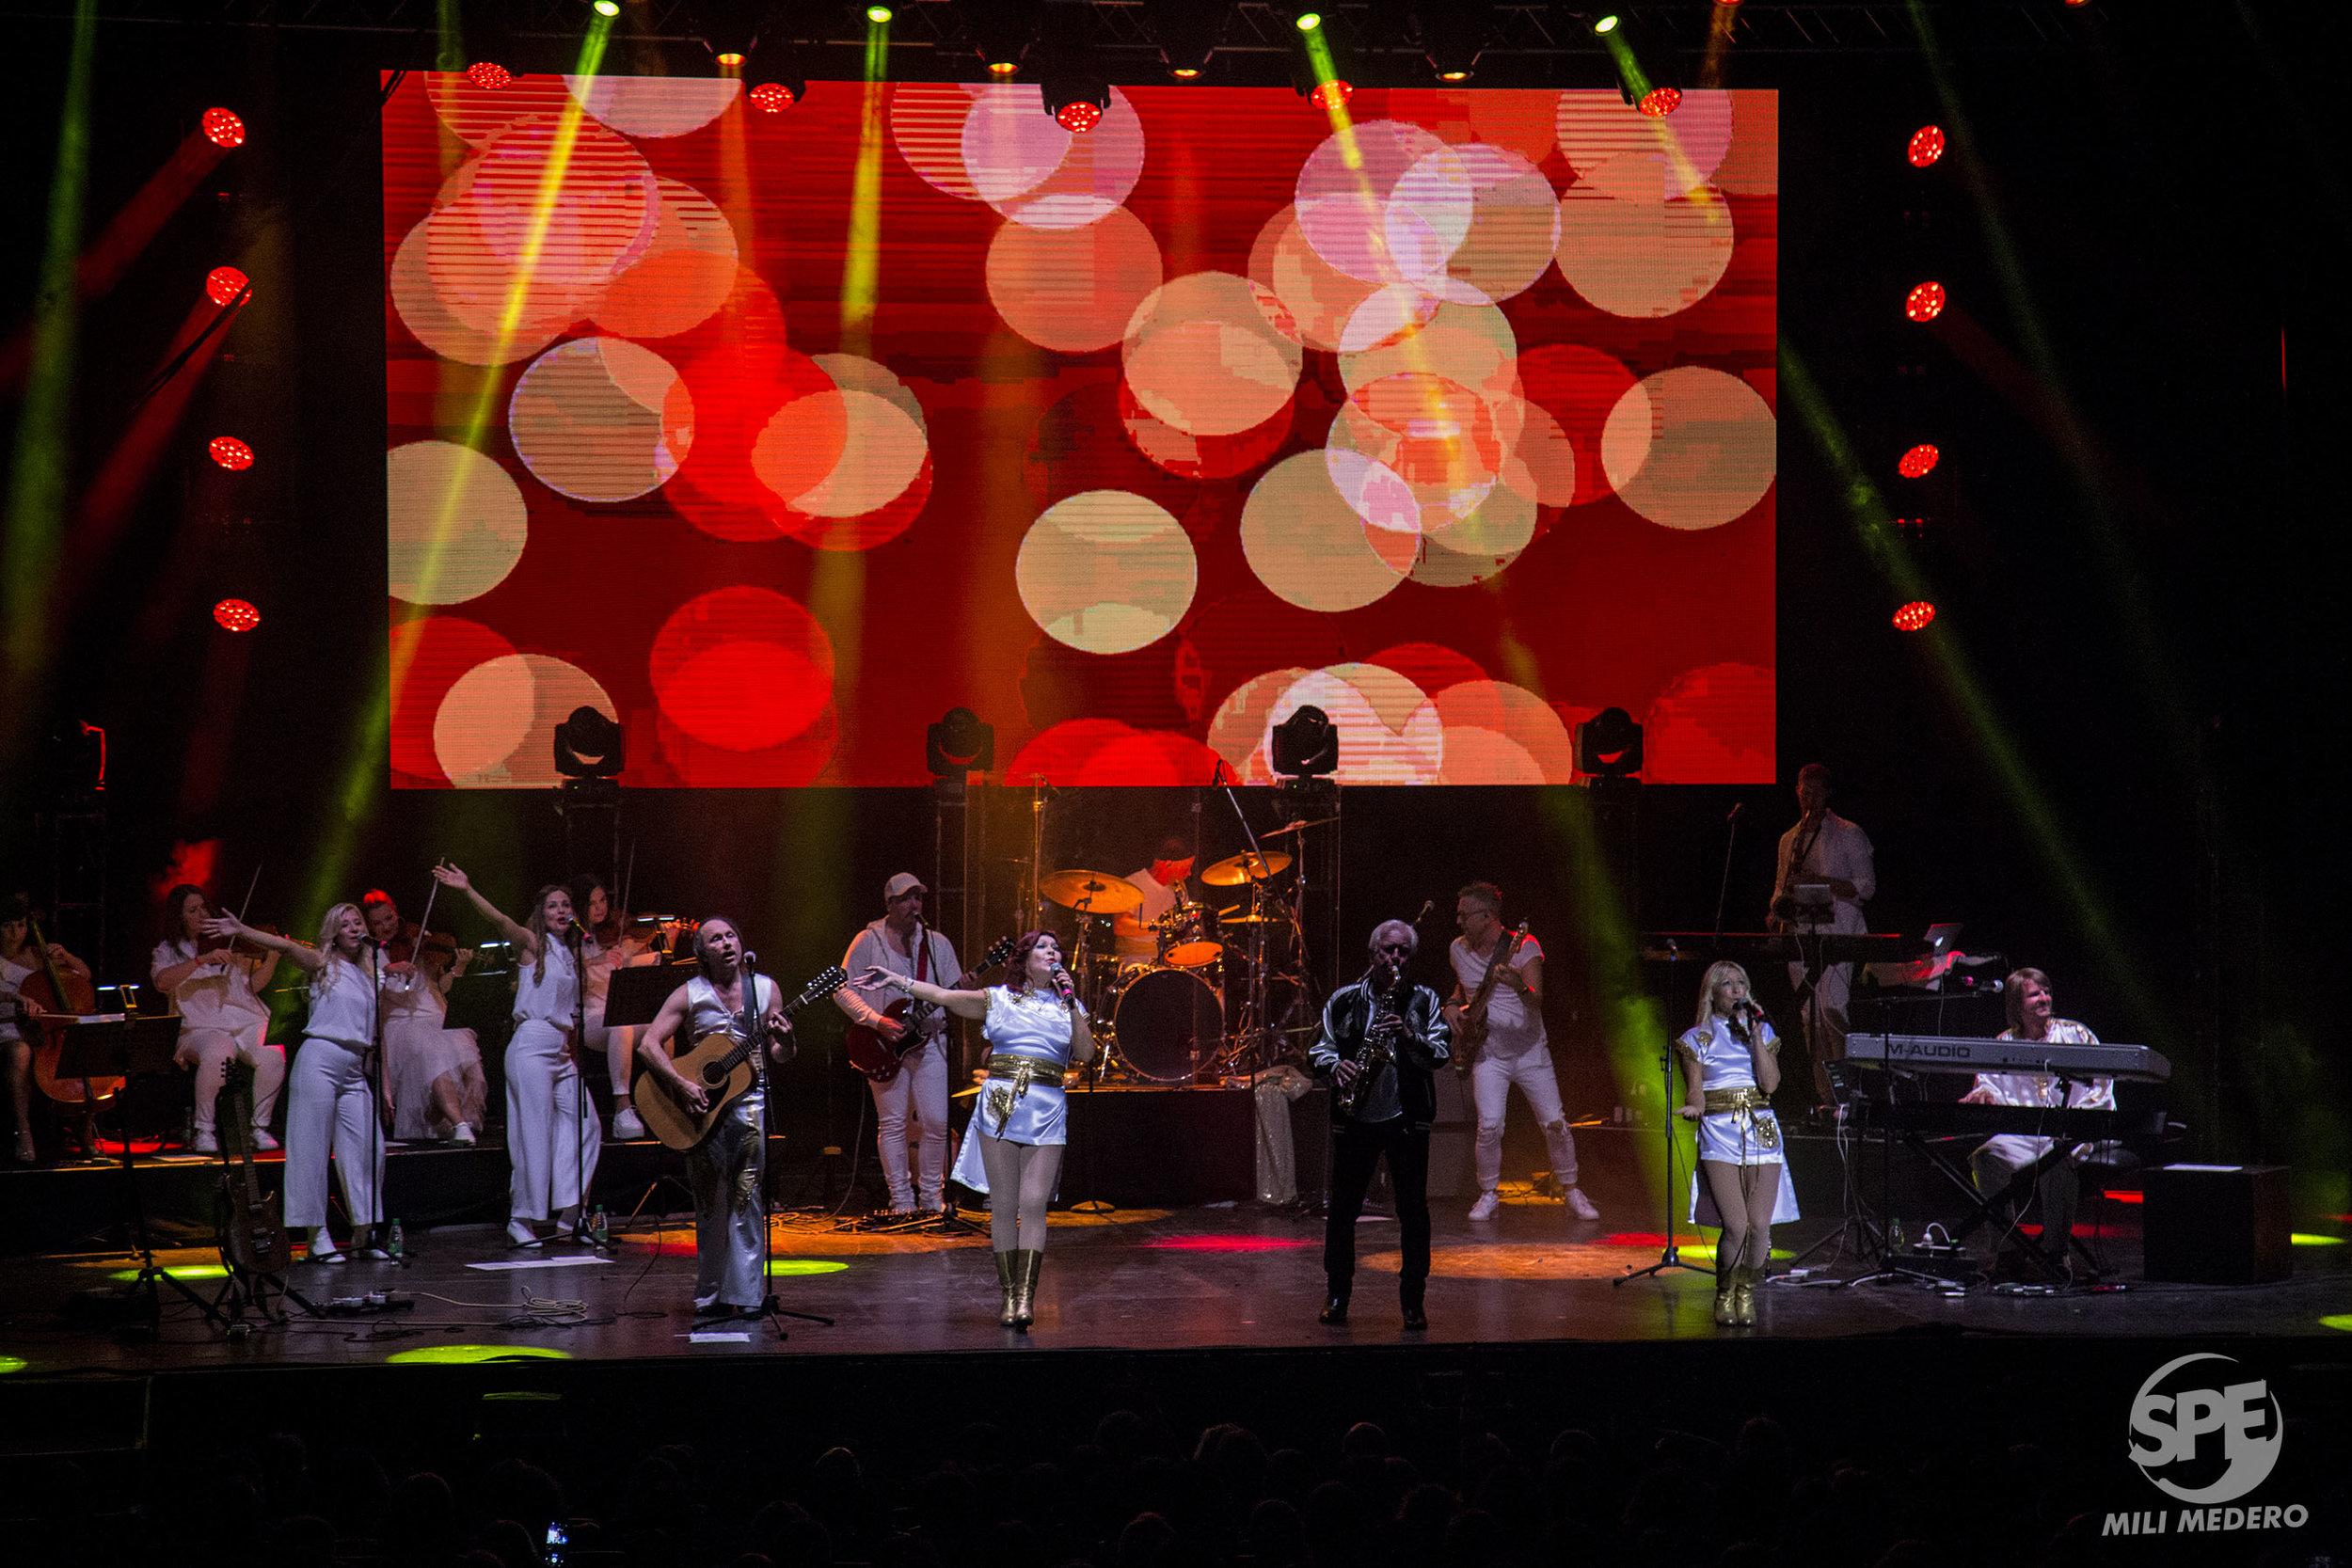 Integrantes de The ABBA Show, durante un show en el Teatro Gran Rex úbicado en la Buenos Aires, Argentina el dia Viernes 5 de agosto de 2019. The ABBA Show, rinde tributo a la mitica banda sueca de pop ABBA. 5 de agosto de 2019. Foto de: Milagros Medero